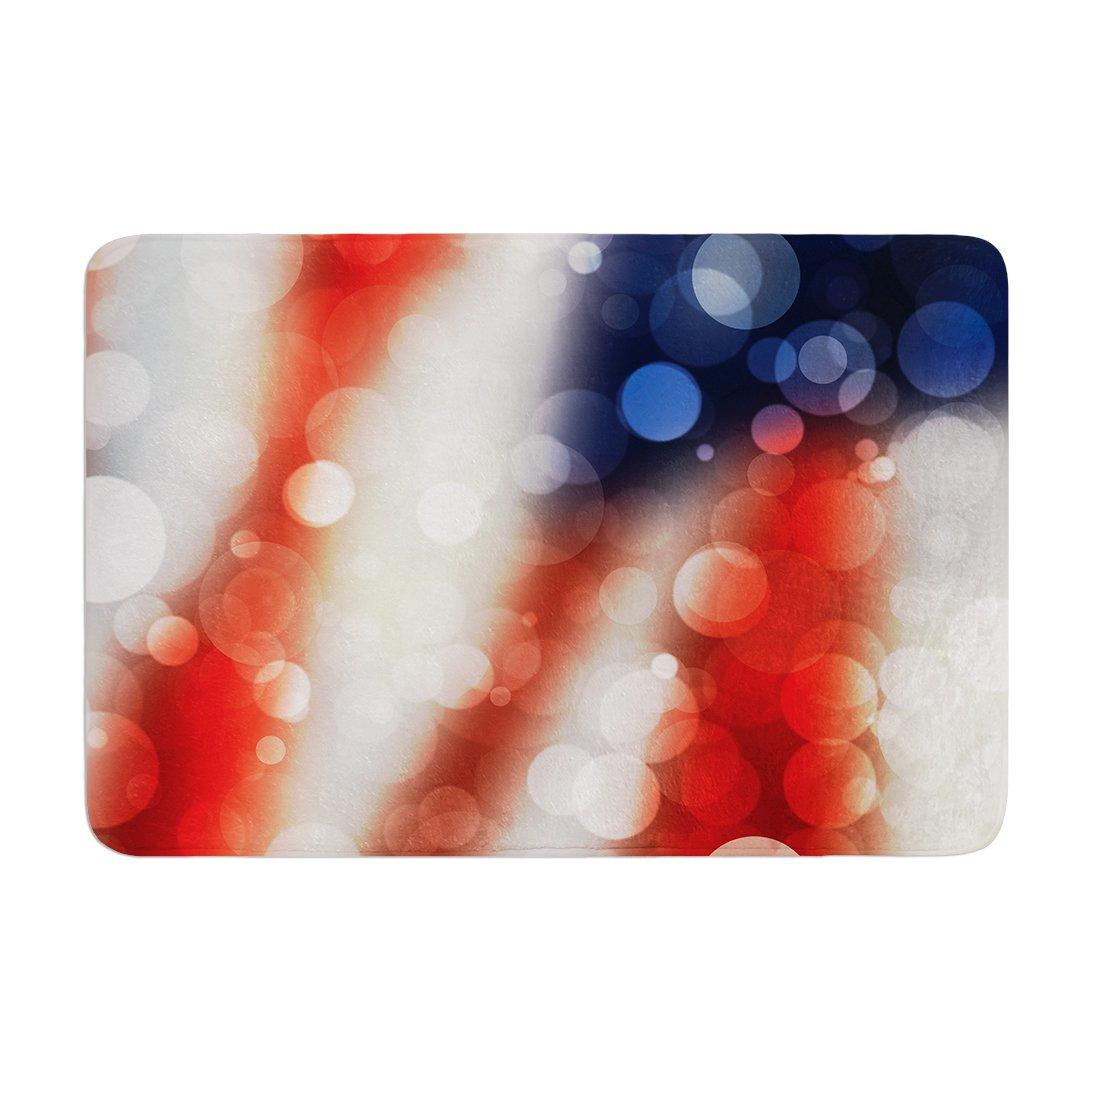 KESS InHouse KIH058ABM02 Bath Mat KESS Original ''Patriot'' America Bokeh Memory Foam Bath Mat, 24'' X 36'',,